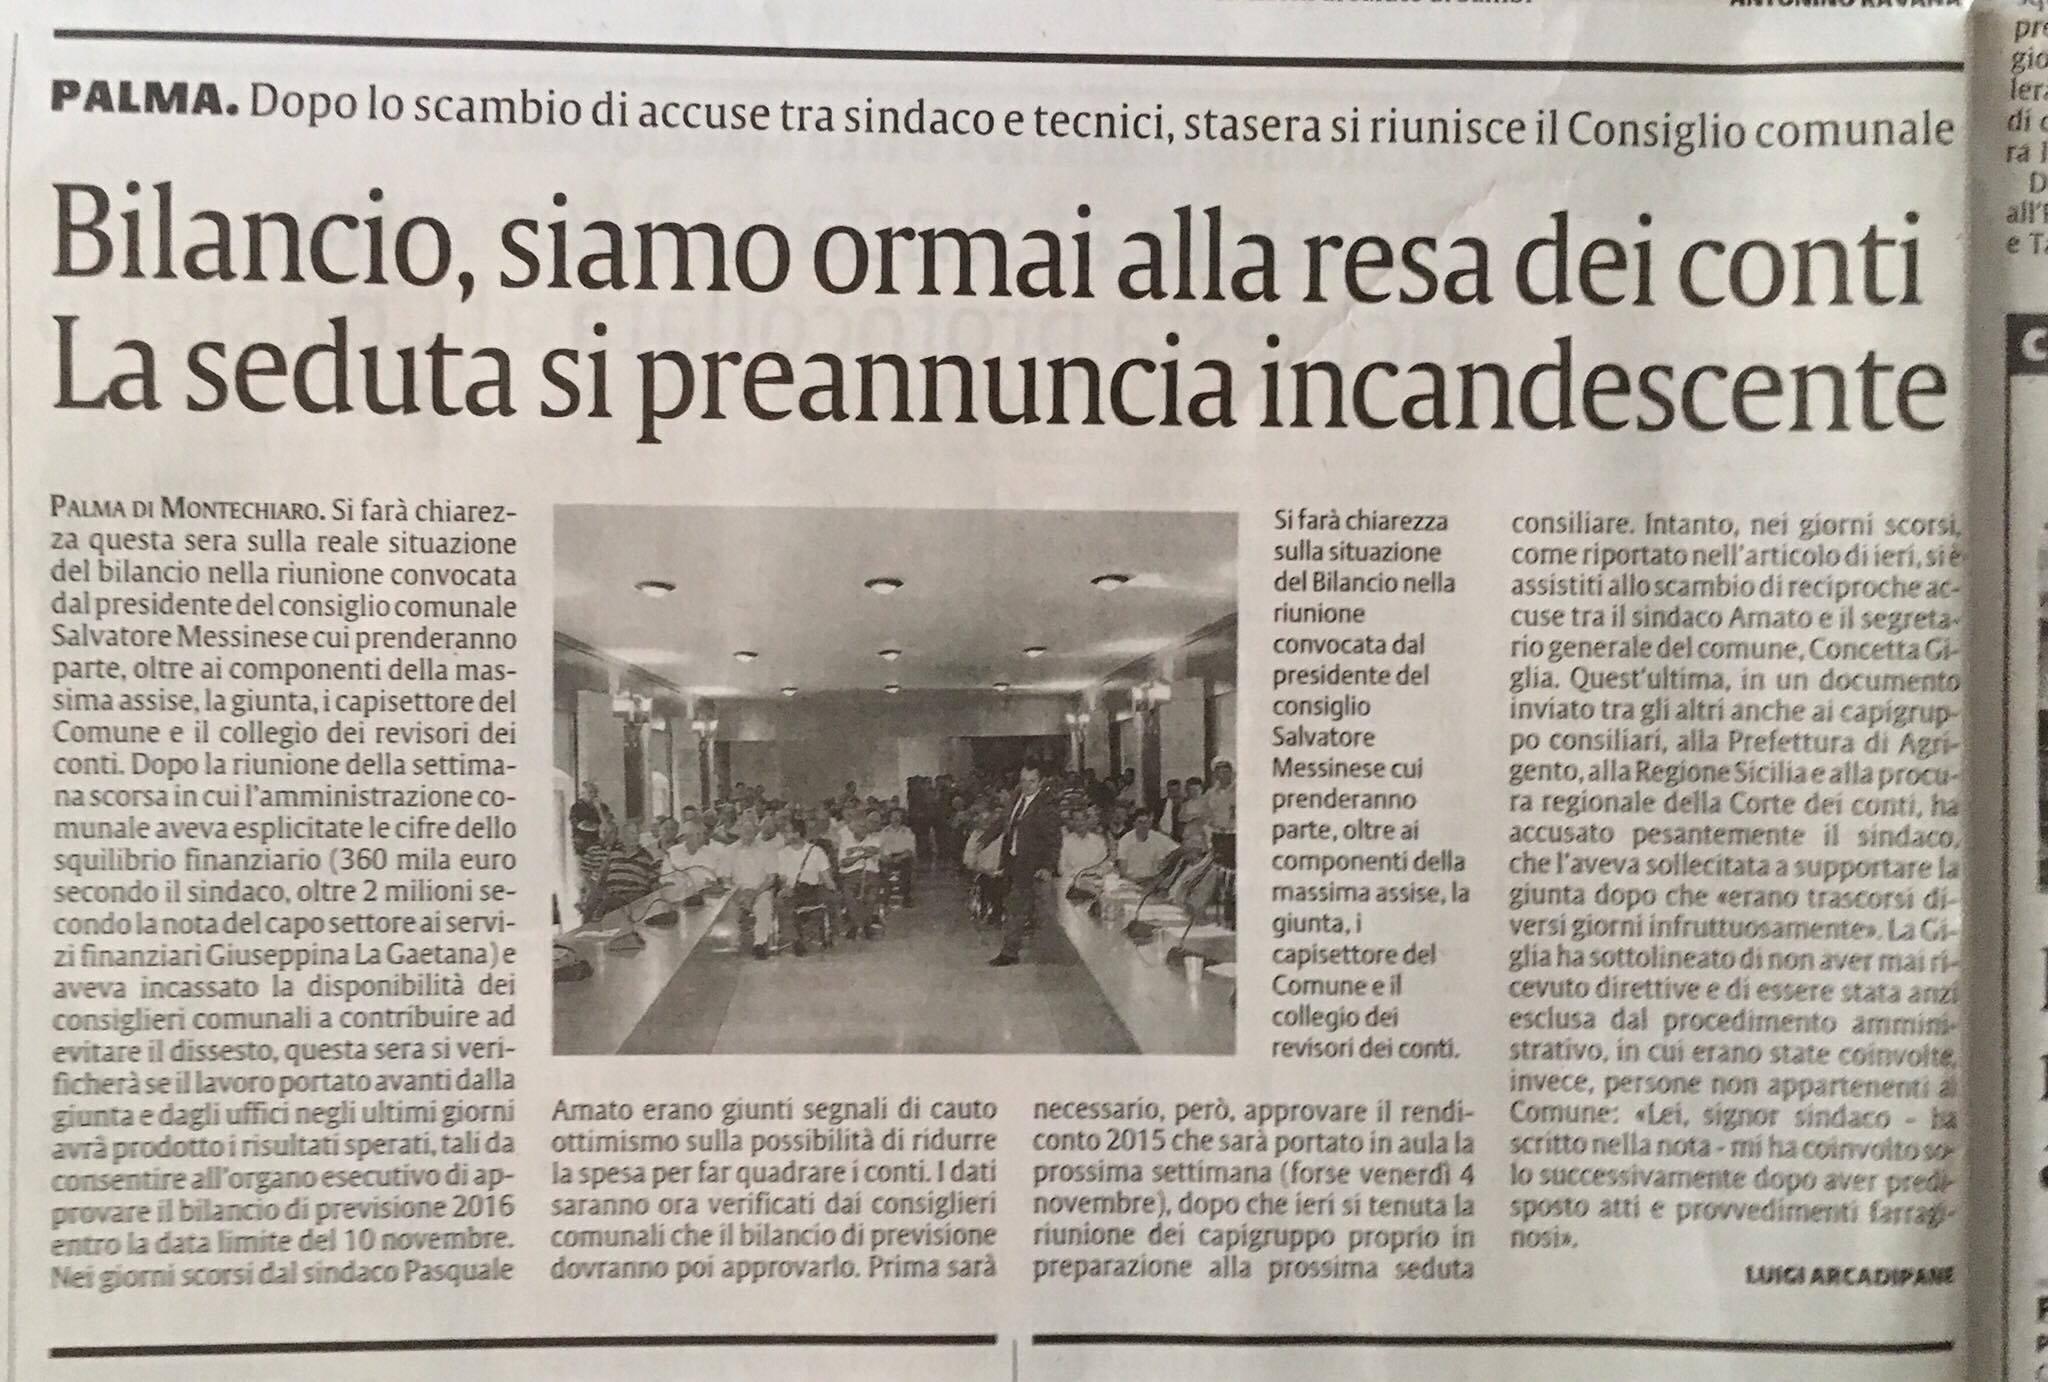 articolo su LA SICILIA